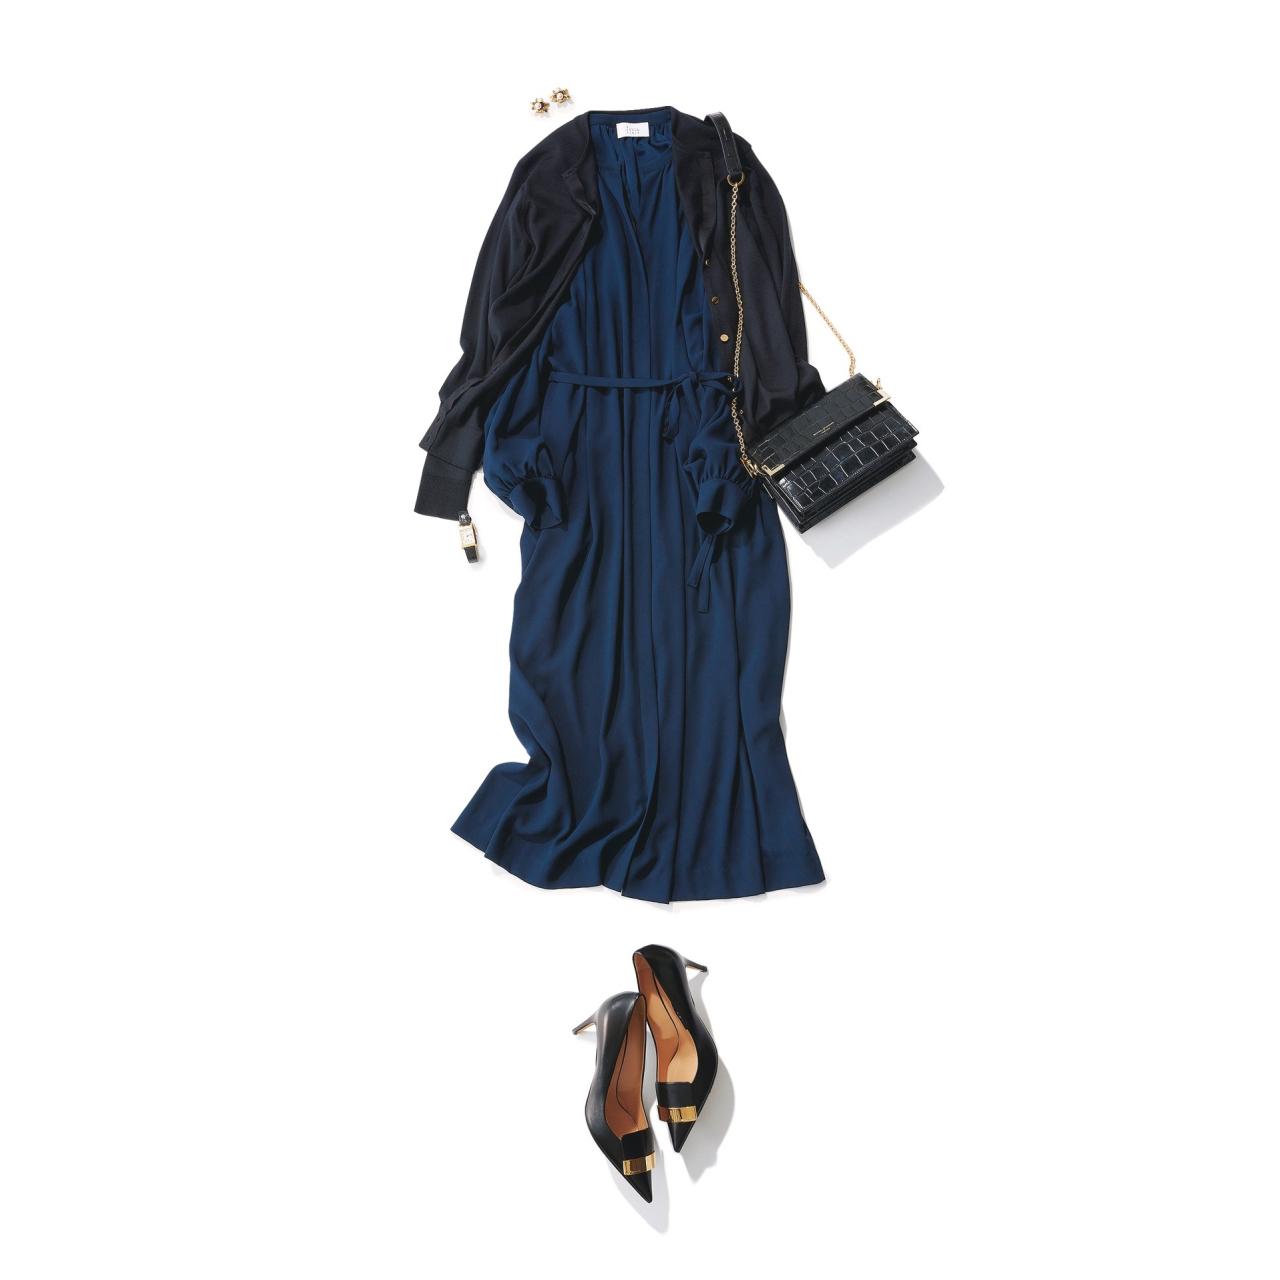 ネイビーワンピース×黒小物のファッションコーデ